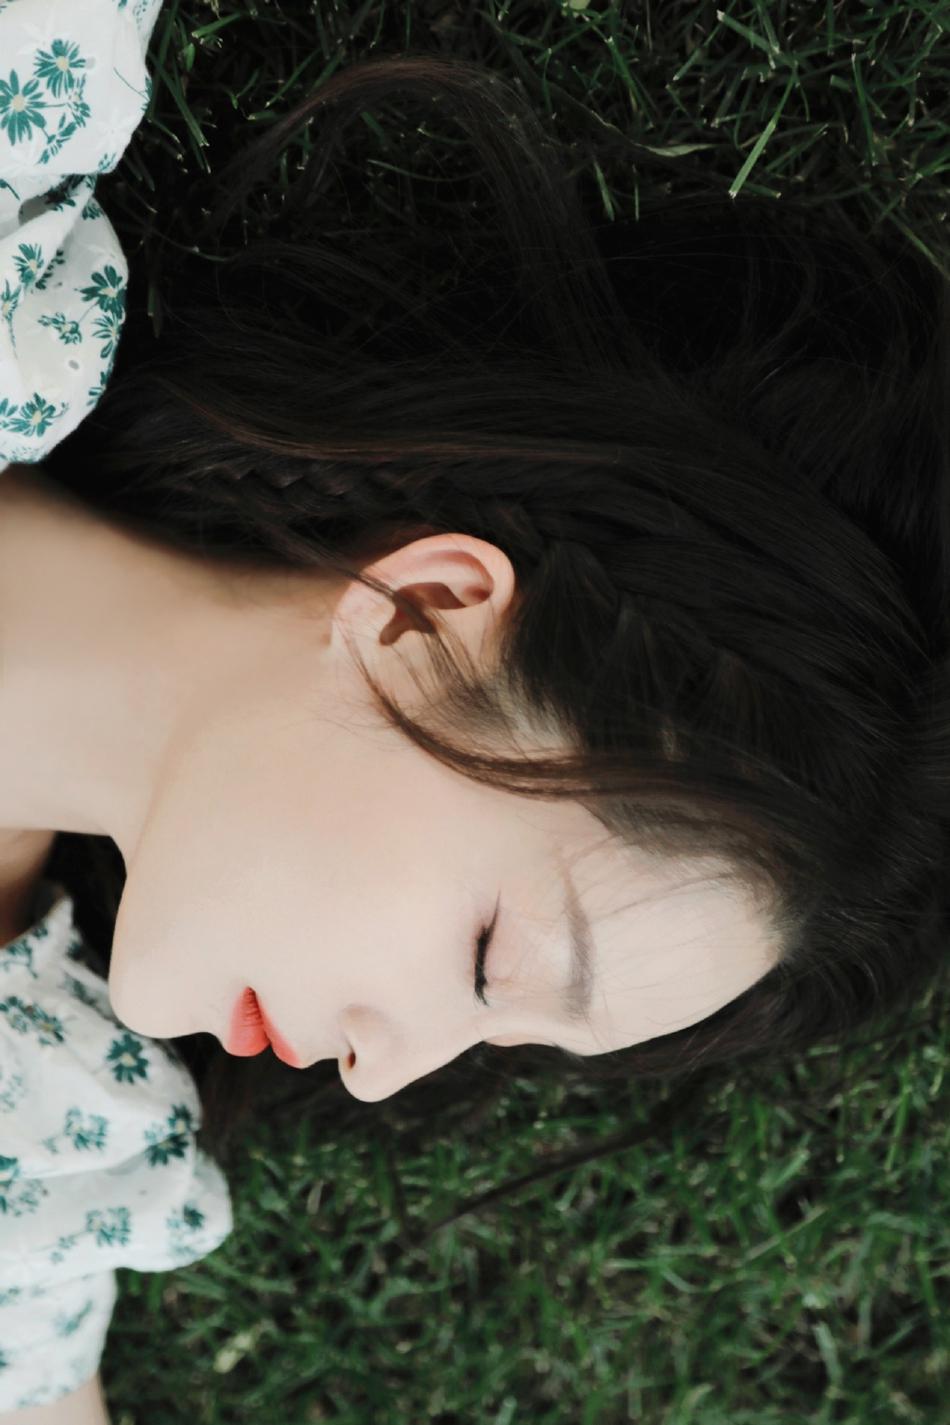 李沁初夏心动写真曝光 一袭浅绿色碎花裙清新可爱